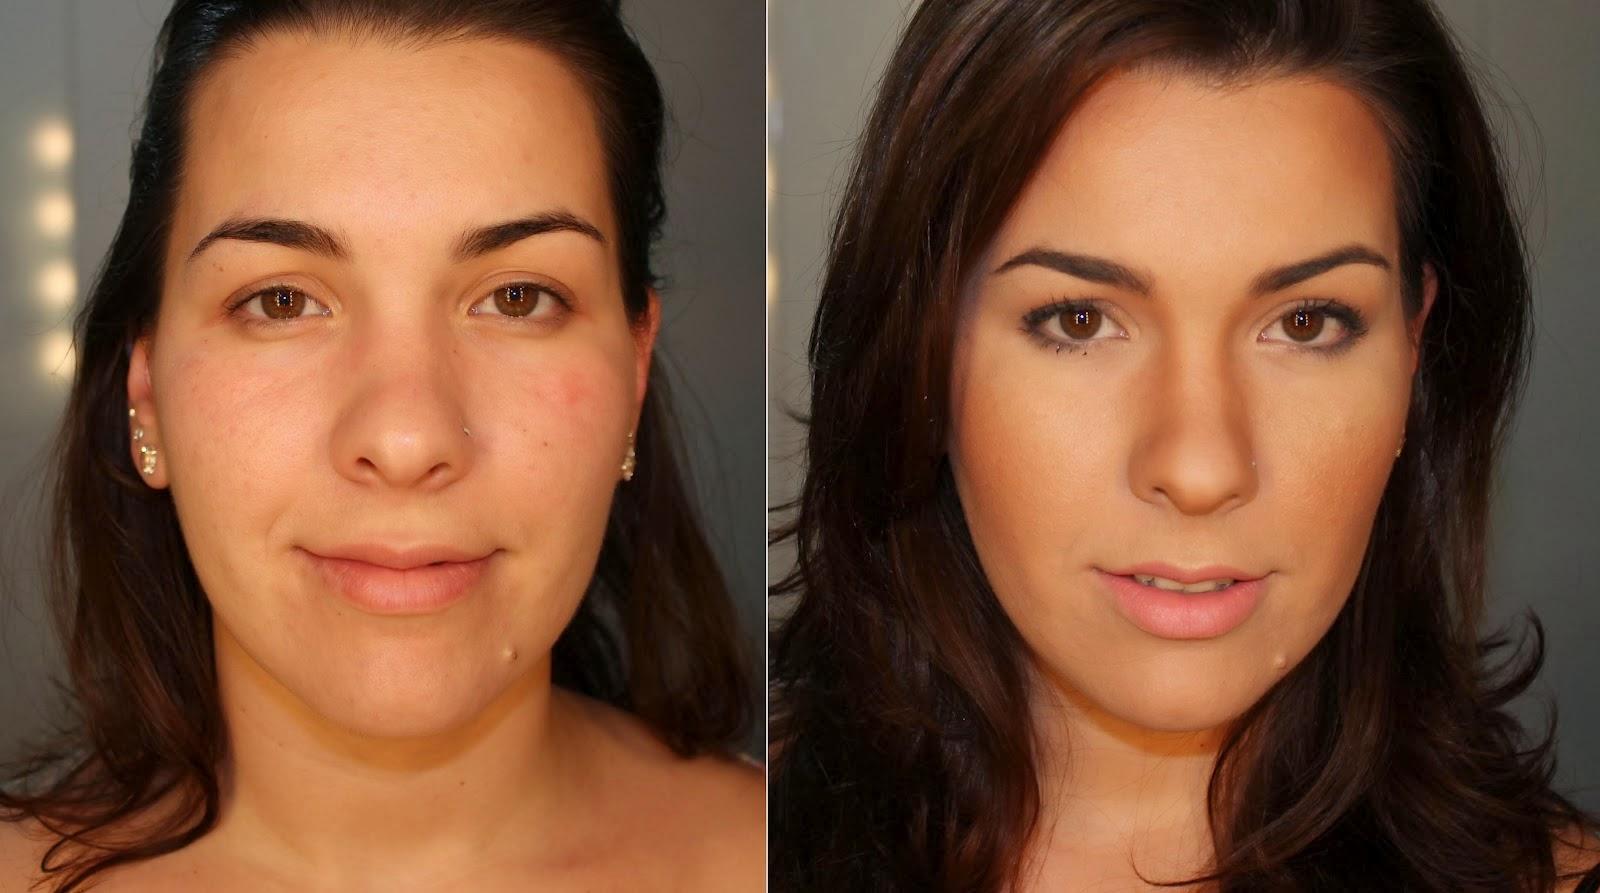 All My Looks: Antes e depois maquiagens de clientes